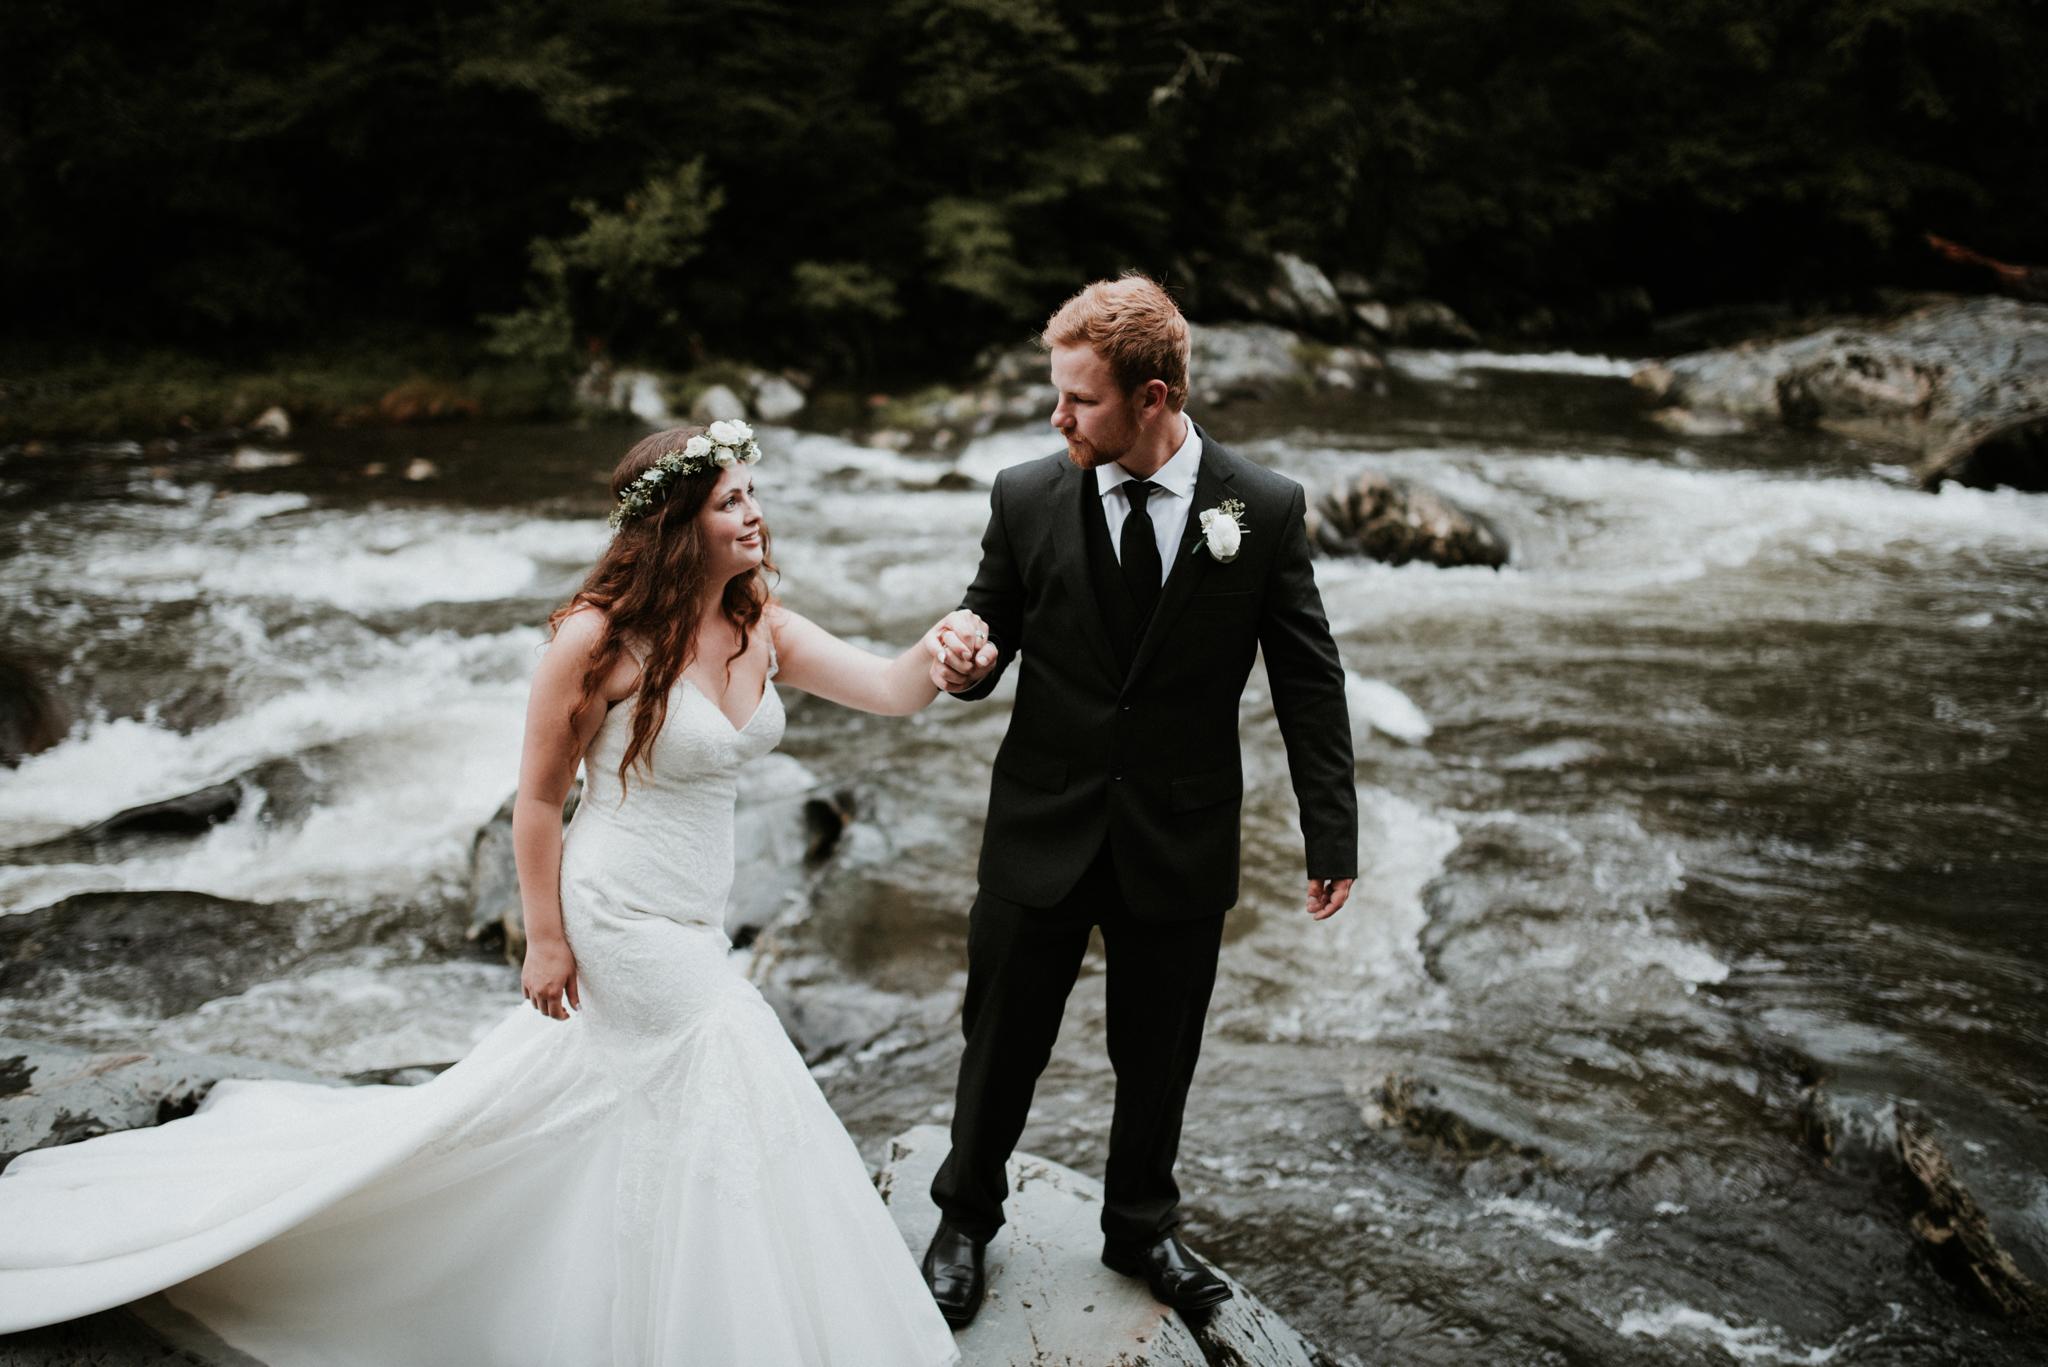 Zach&Rosalie Smoky Mountain Wedding -3030.jpg